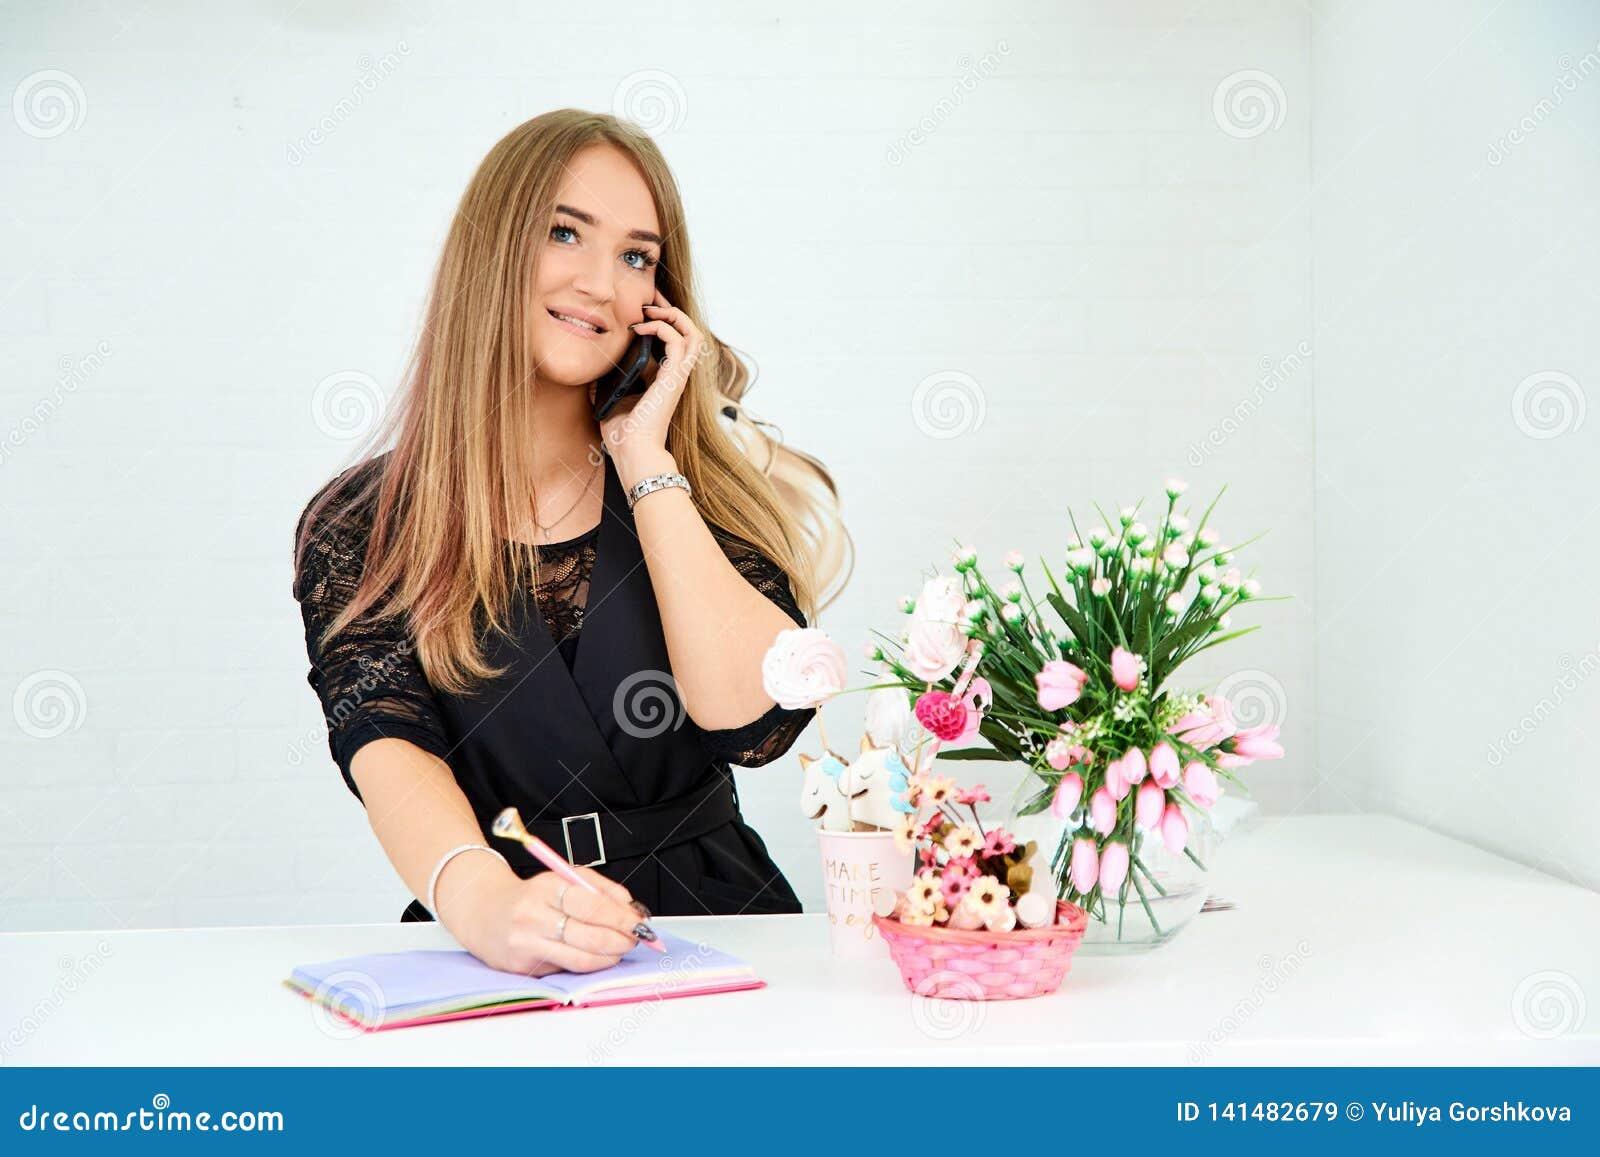 Piękna Europejska dziewczyna bierze wzywającemu telefon i pisze w notatniku na białym tle W pobliżu są kwiaty i